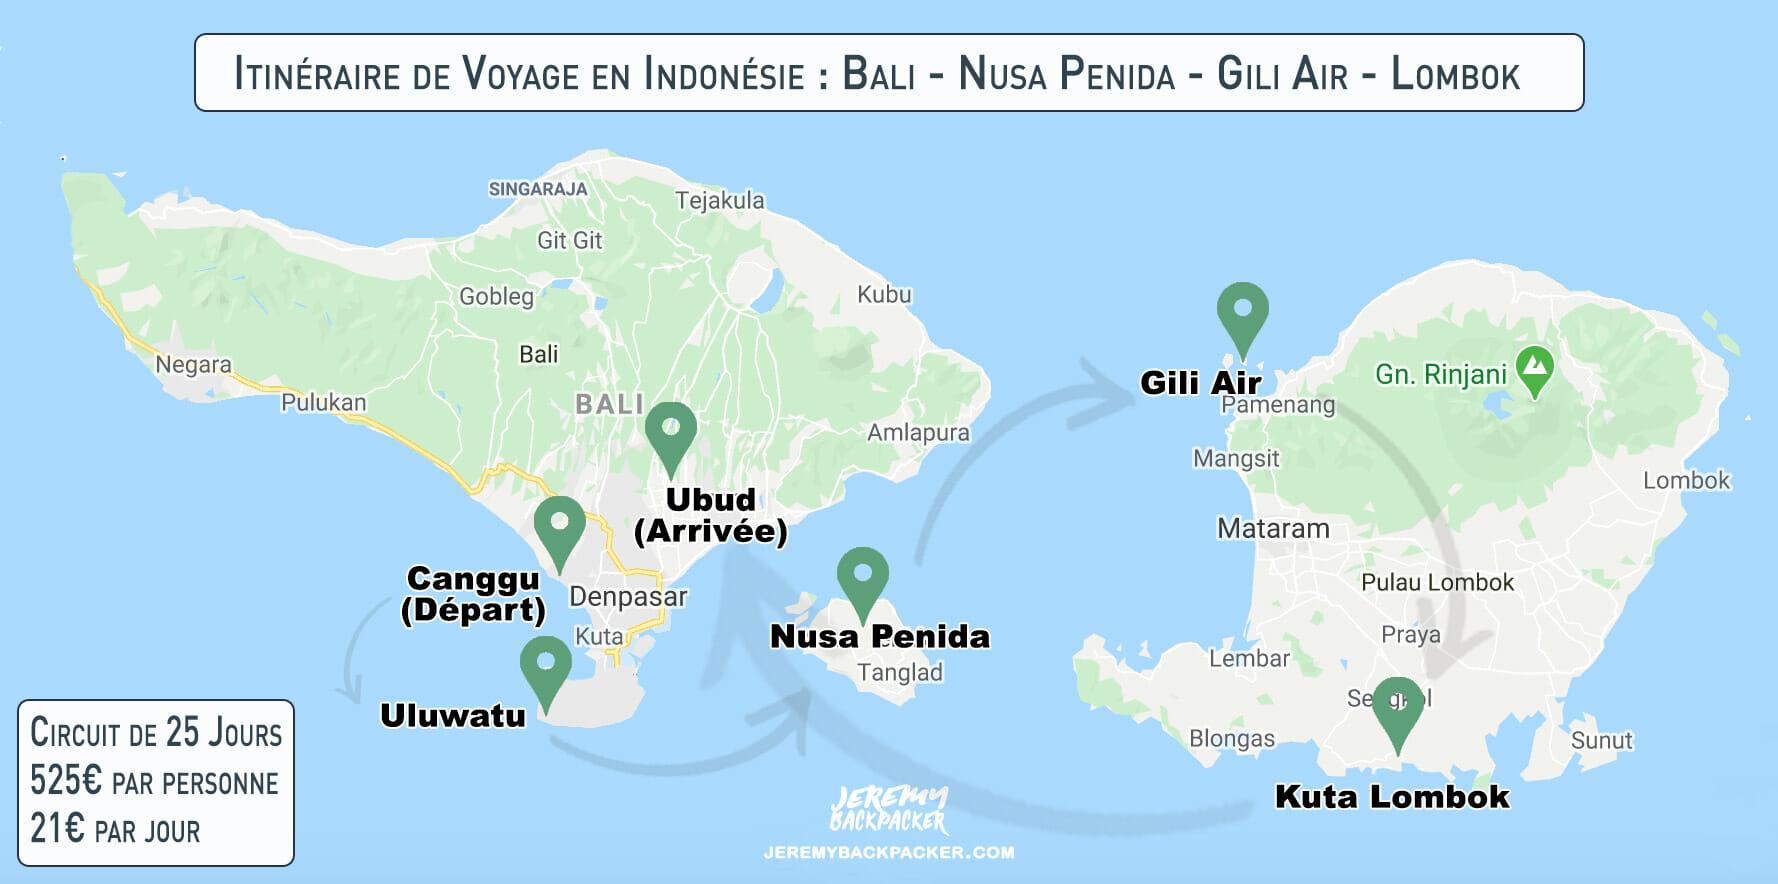 itineraire-voyage-indonesie-3-sem